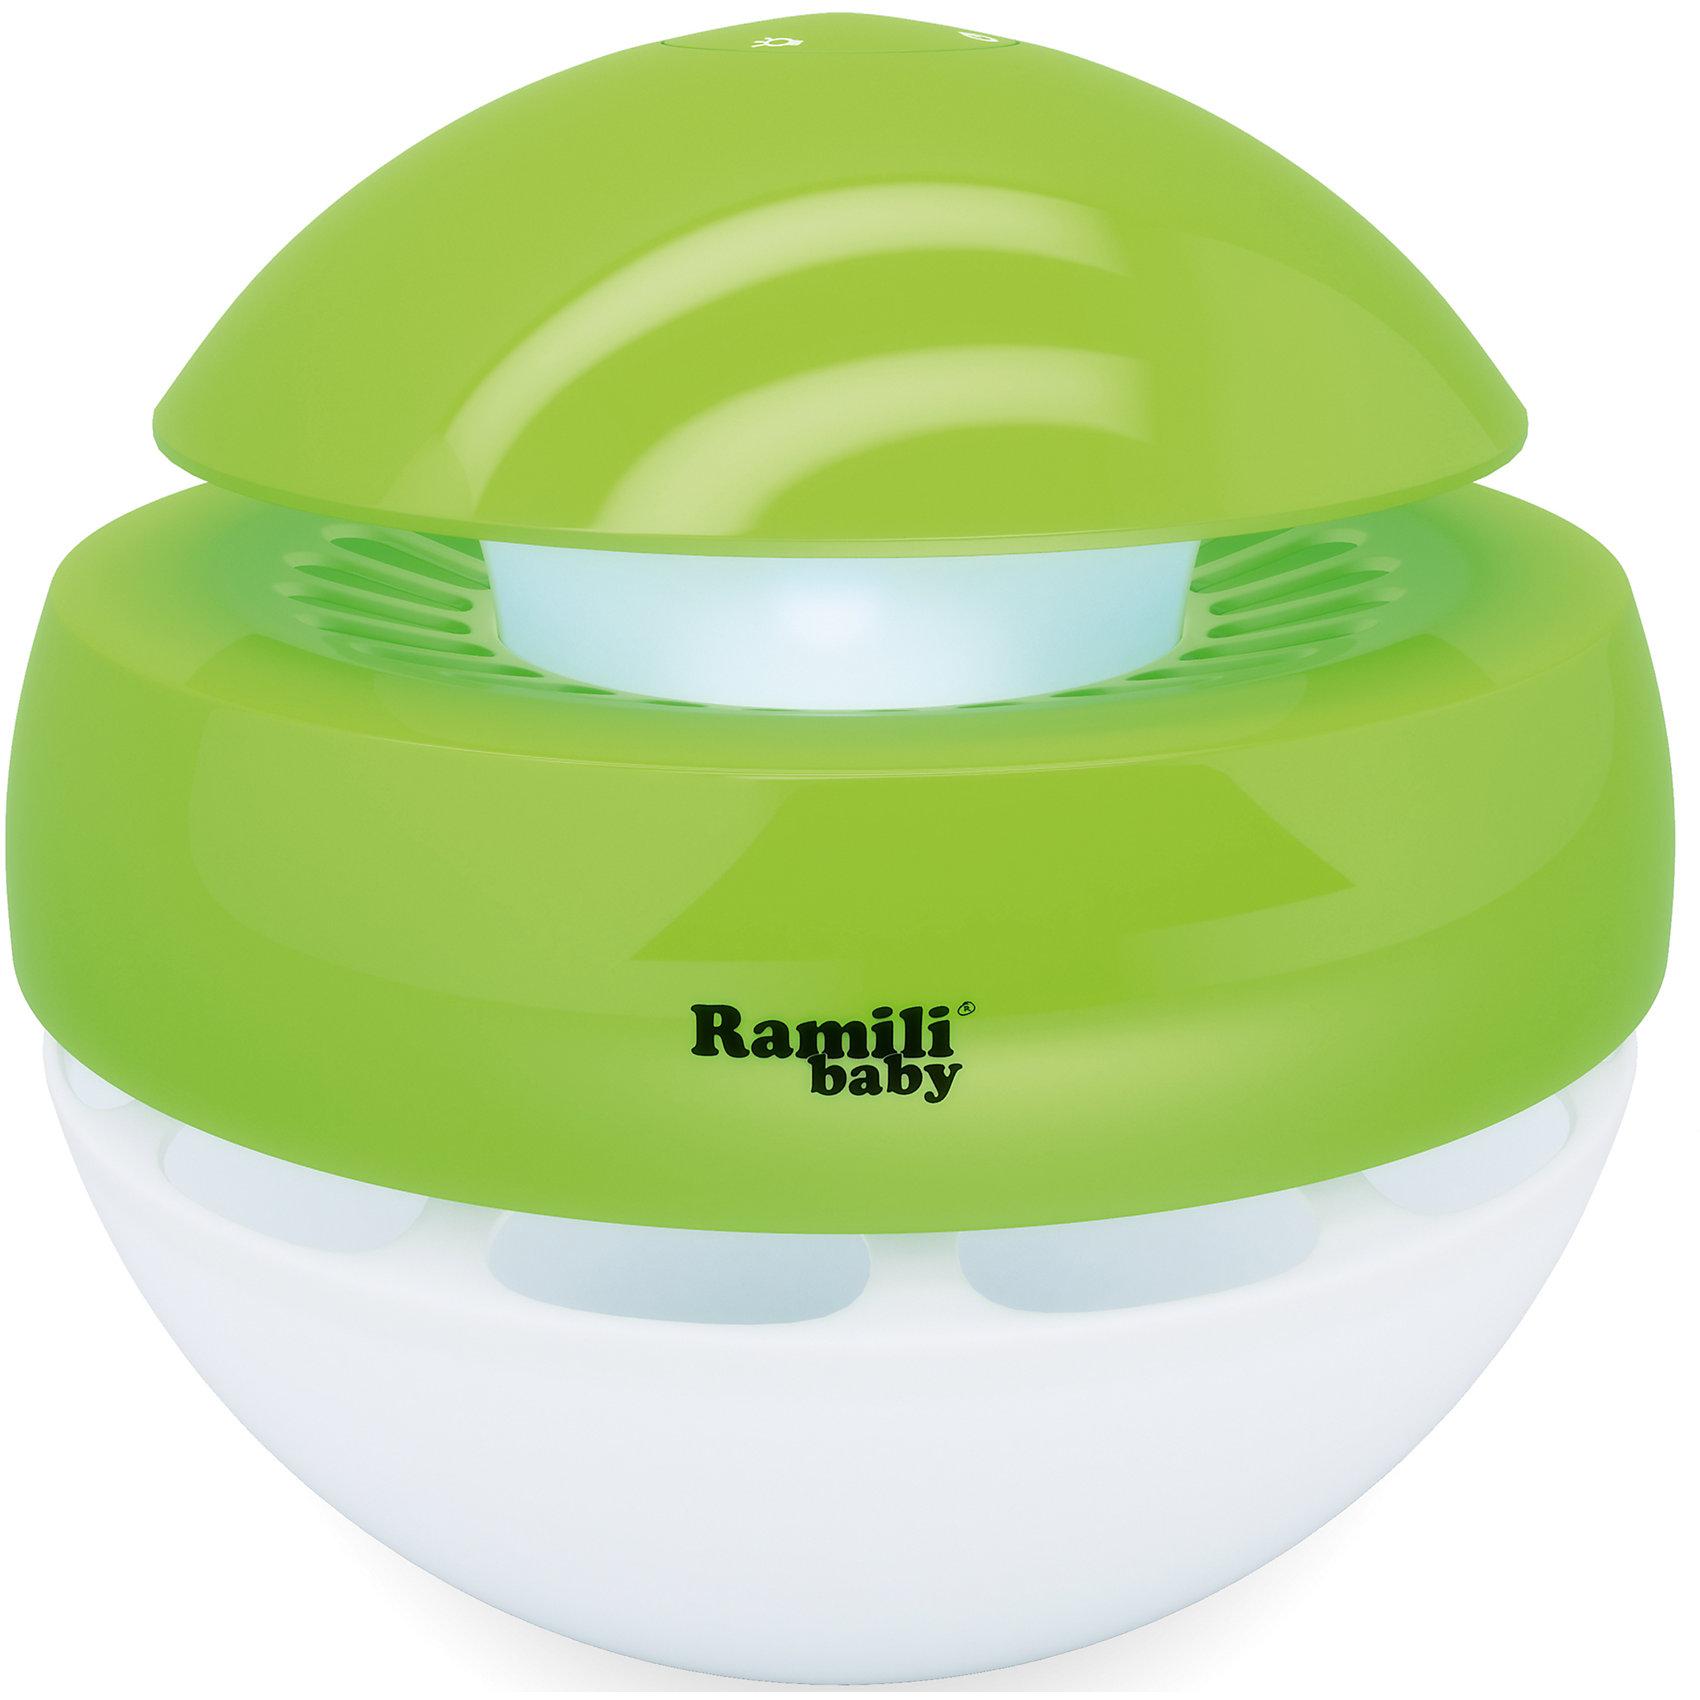 Ультразвуковой увлажнитель воздуха для детскойAH770, RamiliBabyДетская бытовая техника<br>Ультразвуковой увлажнитель (без кипячения). Создаёт «Холодный туман» за секунды. Рассчитан для увлажнения комнаты до 30 квадратных метров (в закрытом помещении). Объём контейнера для воды – 1 литр. Не требуются фильтры. Компактный. Ночничок. Возможность задать время работы: 1, 2 или 4 часа. Возможность работы с интервалами в 30 секунд, что вдвое увеличивает продолжительность увлажнения - до 8 часов. Автоматическое выключение, если вода в увлажнителе закончилась. Визуальное оповещение о расходе воды. Низкое потребление энергии<br><br>Ширина мм: 220<br>Глубина мм: 220<br>Высота мм: 220<br>Вес г: 700<br>Возраст от месяцев: 0<br>Возраст до месяцев: 3<br>Пол: Унисекс<br>Возраст: Детский<br>SKU: 4826118